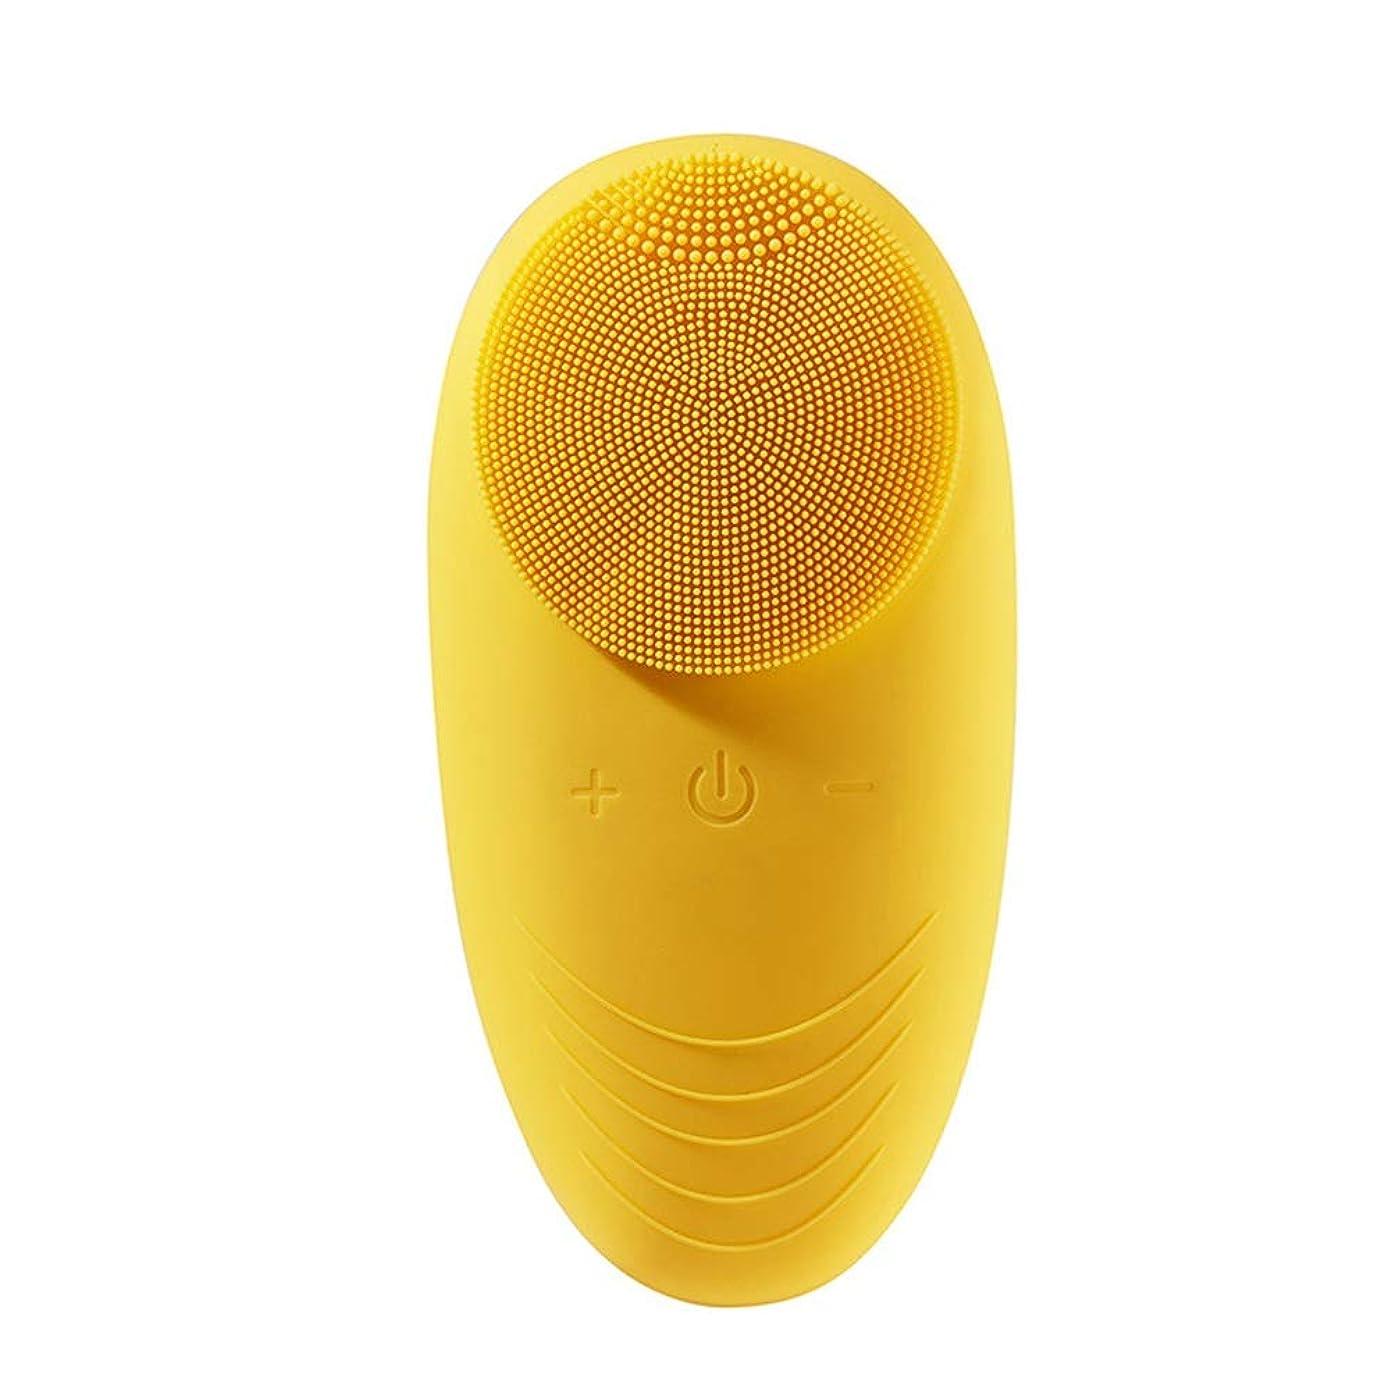 アラーム金額和ZXF 電気シリコーン防水クレンジングブラシディープクリーニングポア超音波振動クレンジング器具美容器具 滑らかである (色 : Yellow)